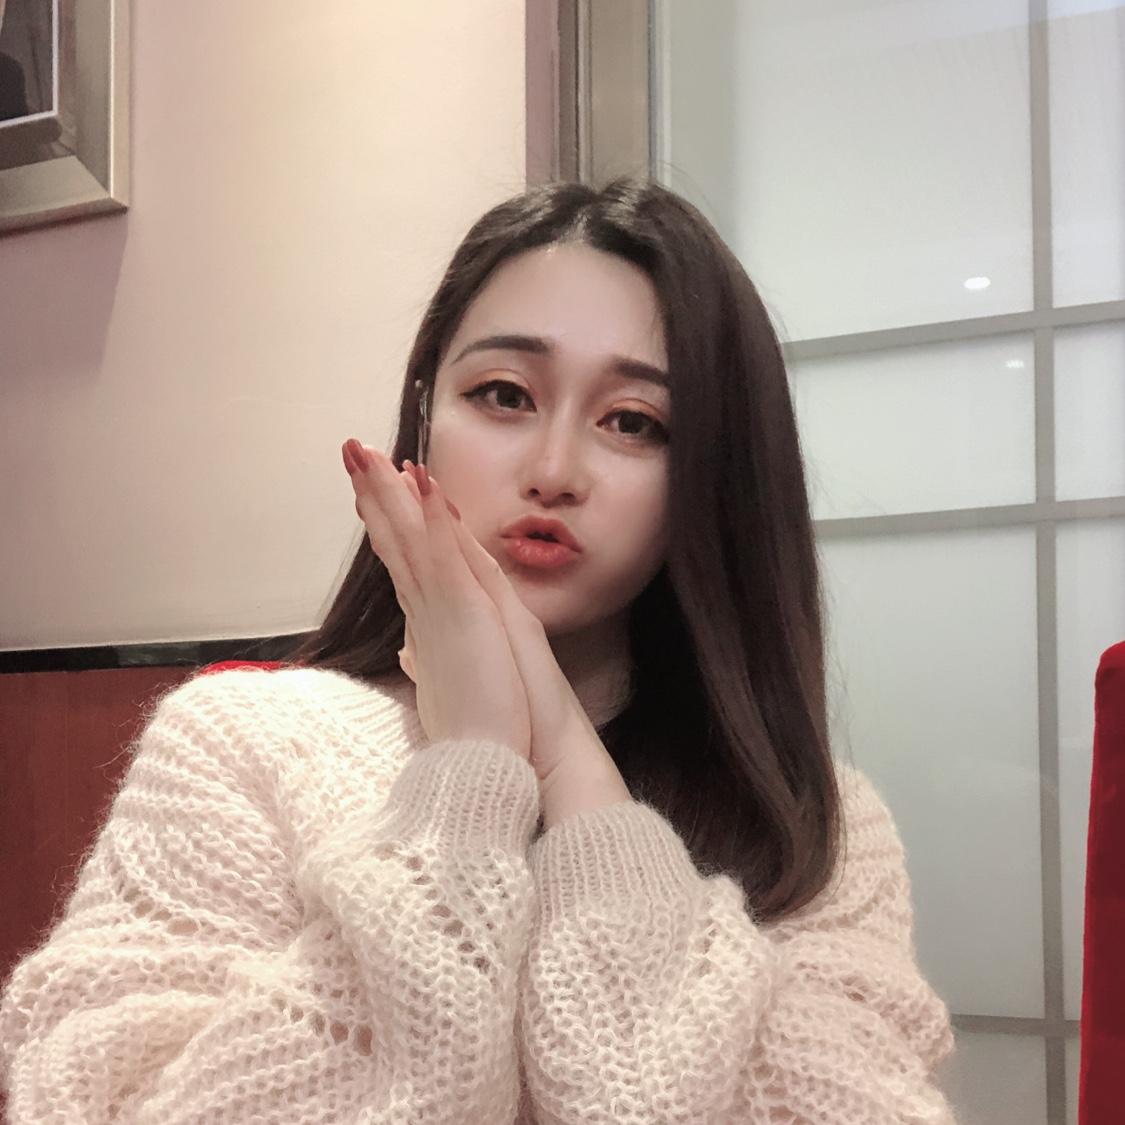 小娇妹元宵节快乐想去旅行!